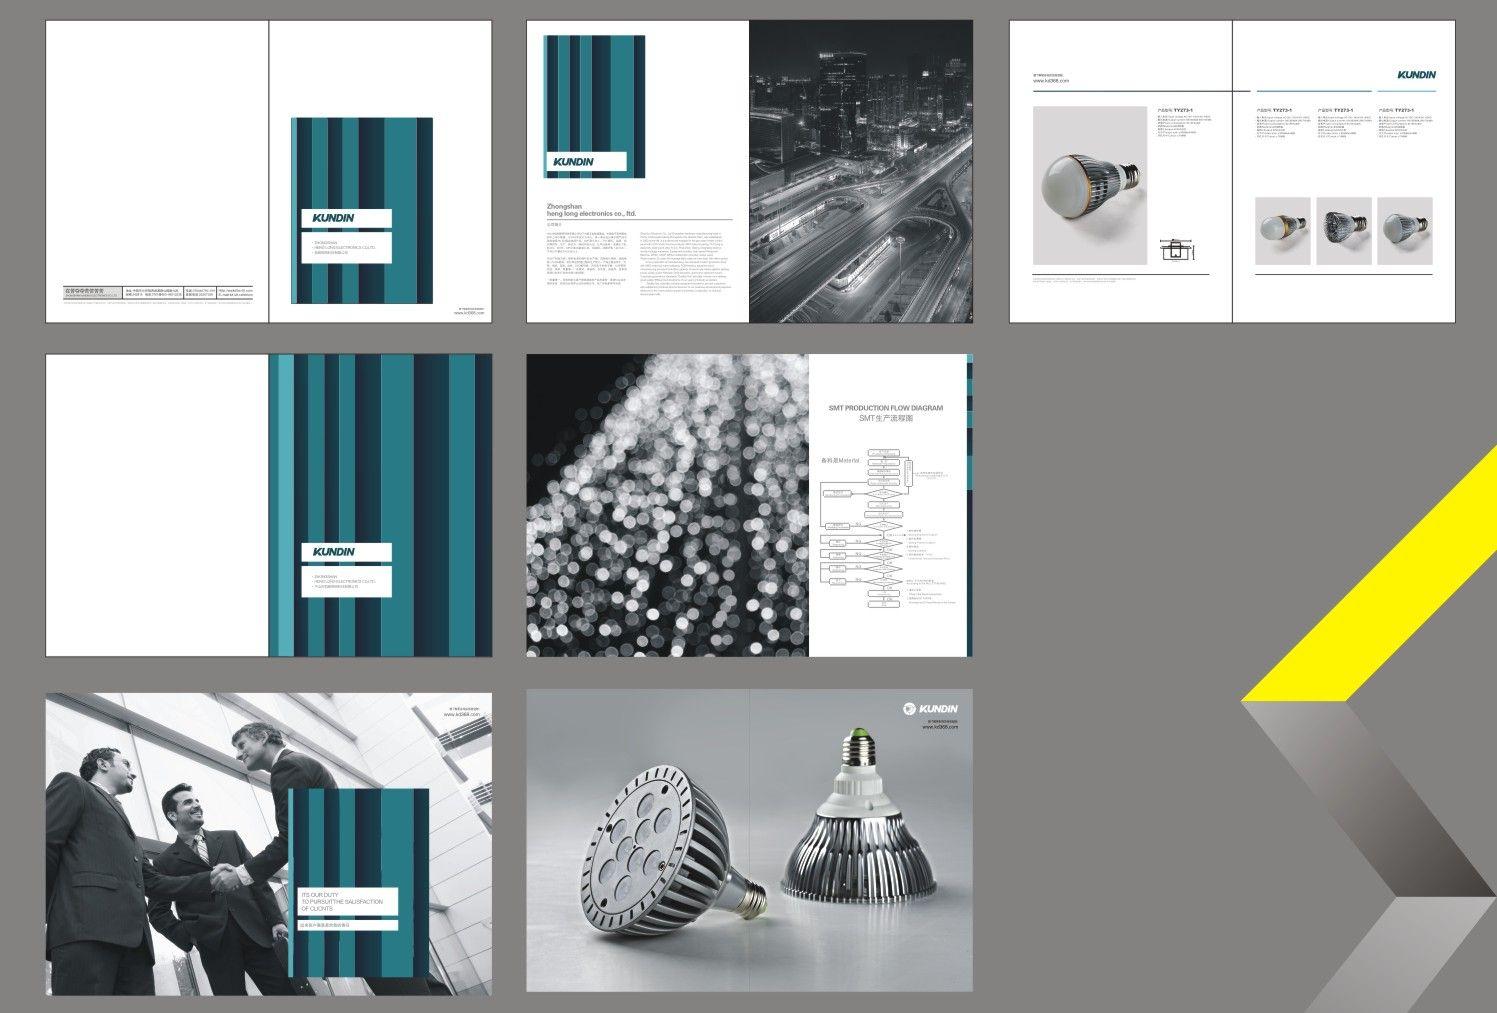 宁波广告公司企业宣传画册